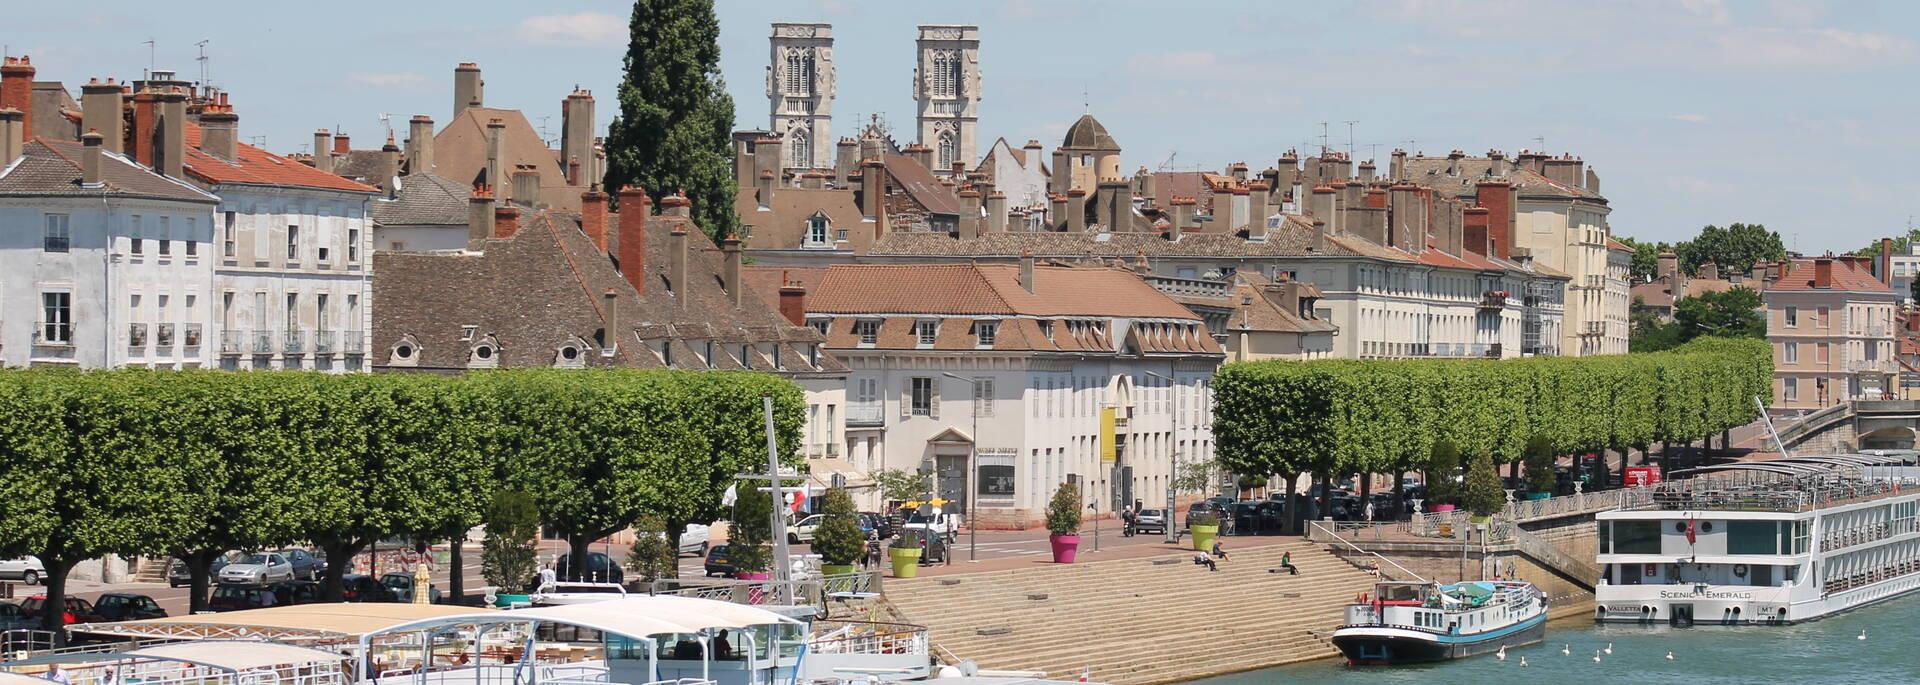 Quais de Saône et cœur de ville de Chalon sur Saône